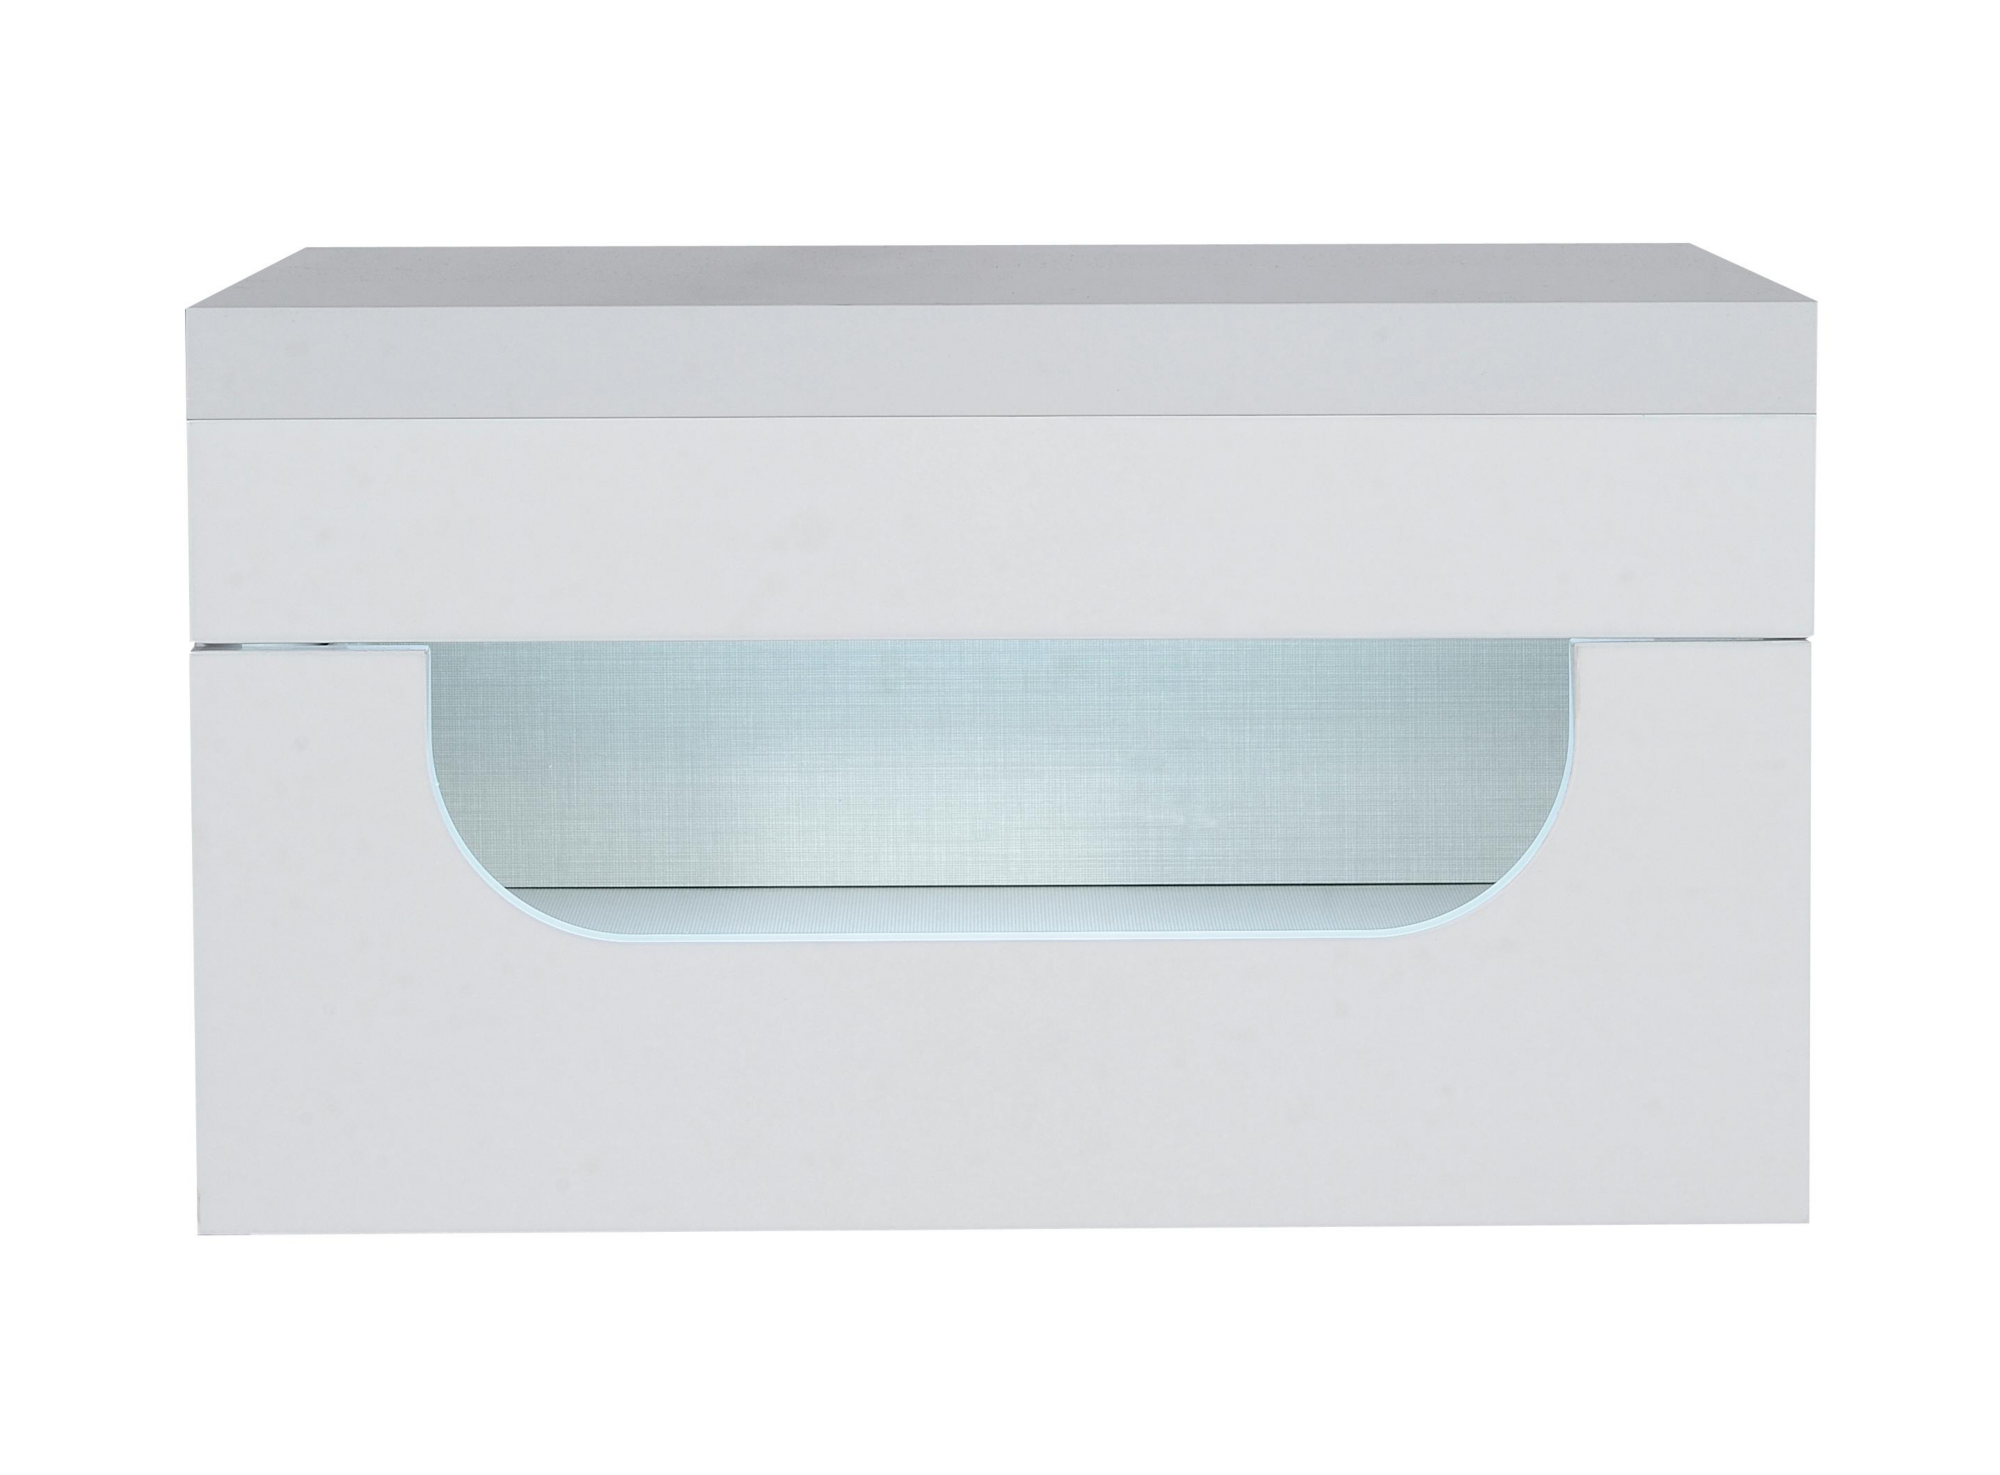 Chevet 1 tiroir sur glissieres metalliques. structure en panneau de p ...